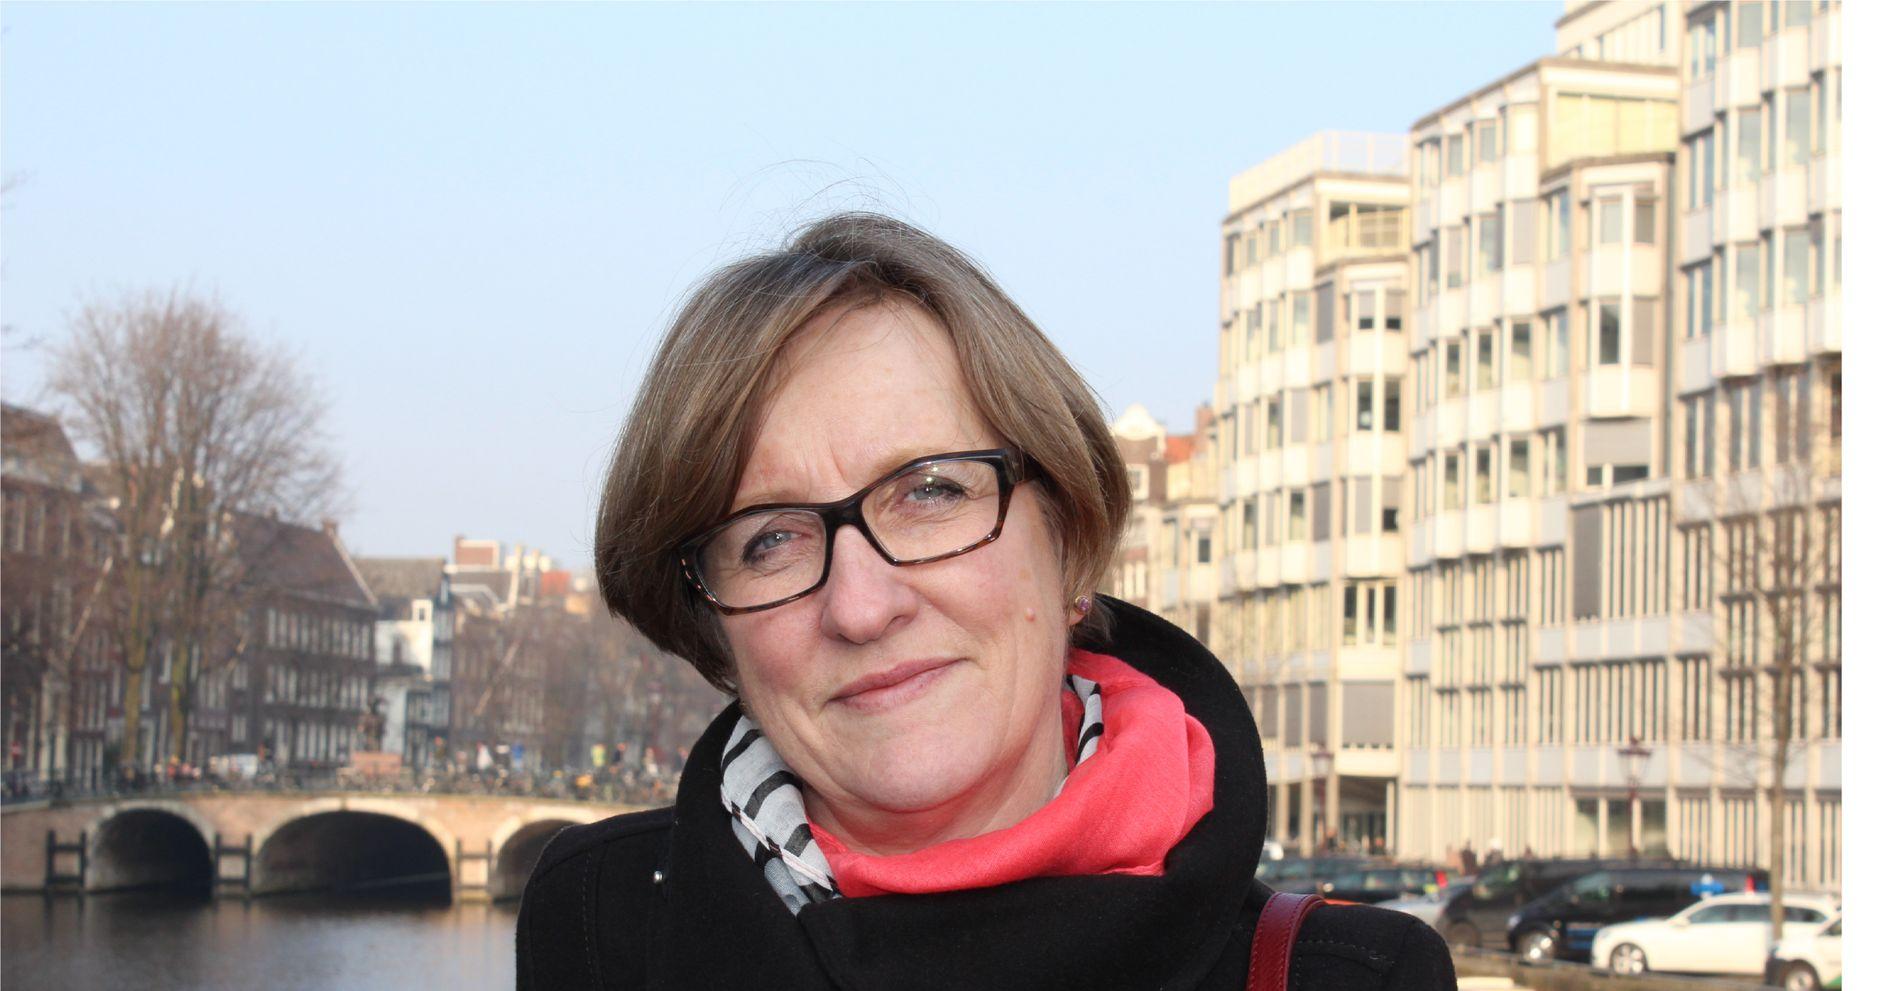 IKKE IMPONERT: Nestleder for Antirasistisk Senter Mari K. Linløkken er bekymret for konsekvensene de nye passreglene til Politidirektoratet vil få.